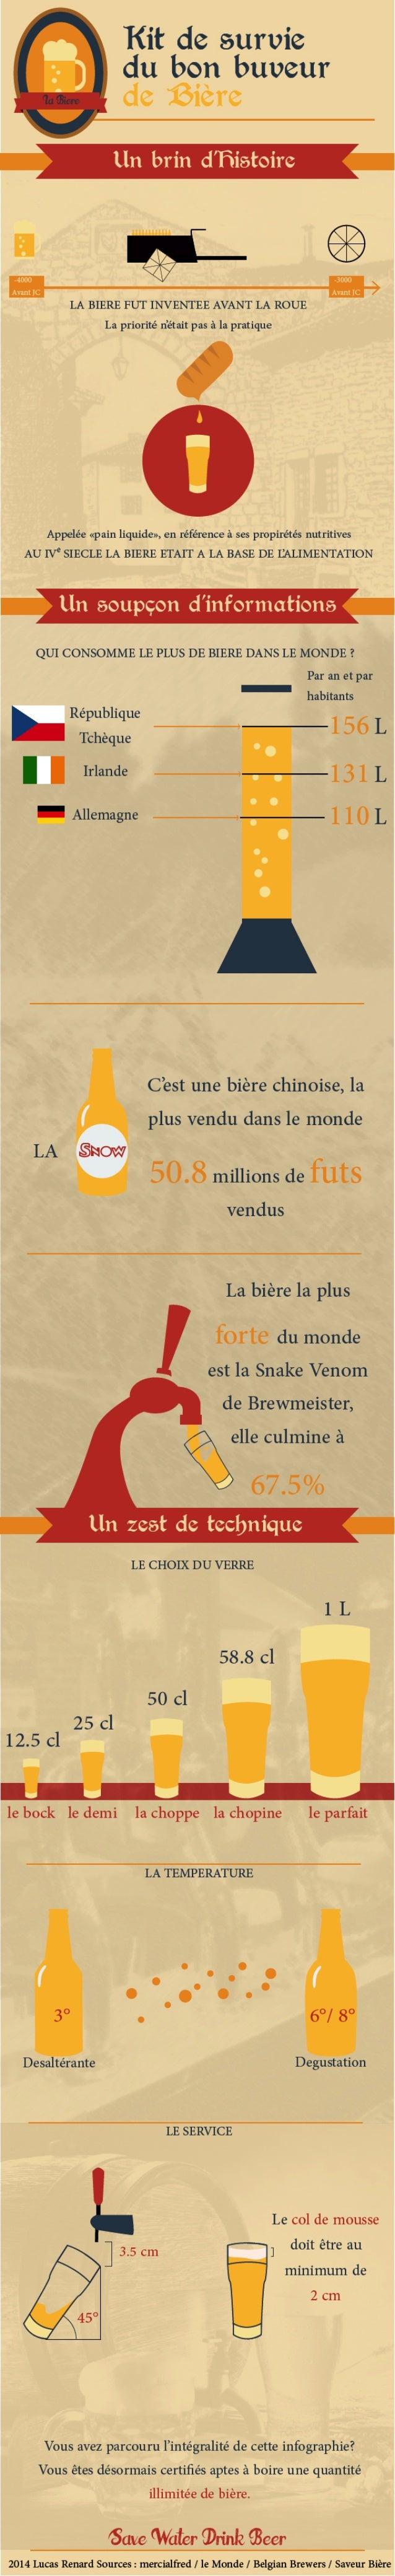 Infographie sur quelques données sur la bière par Lucas RENARD - MMI IUT de CHAMBERY